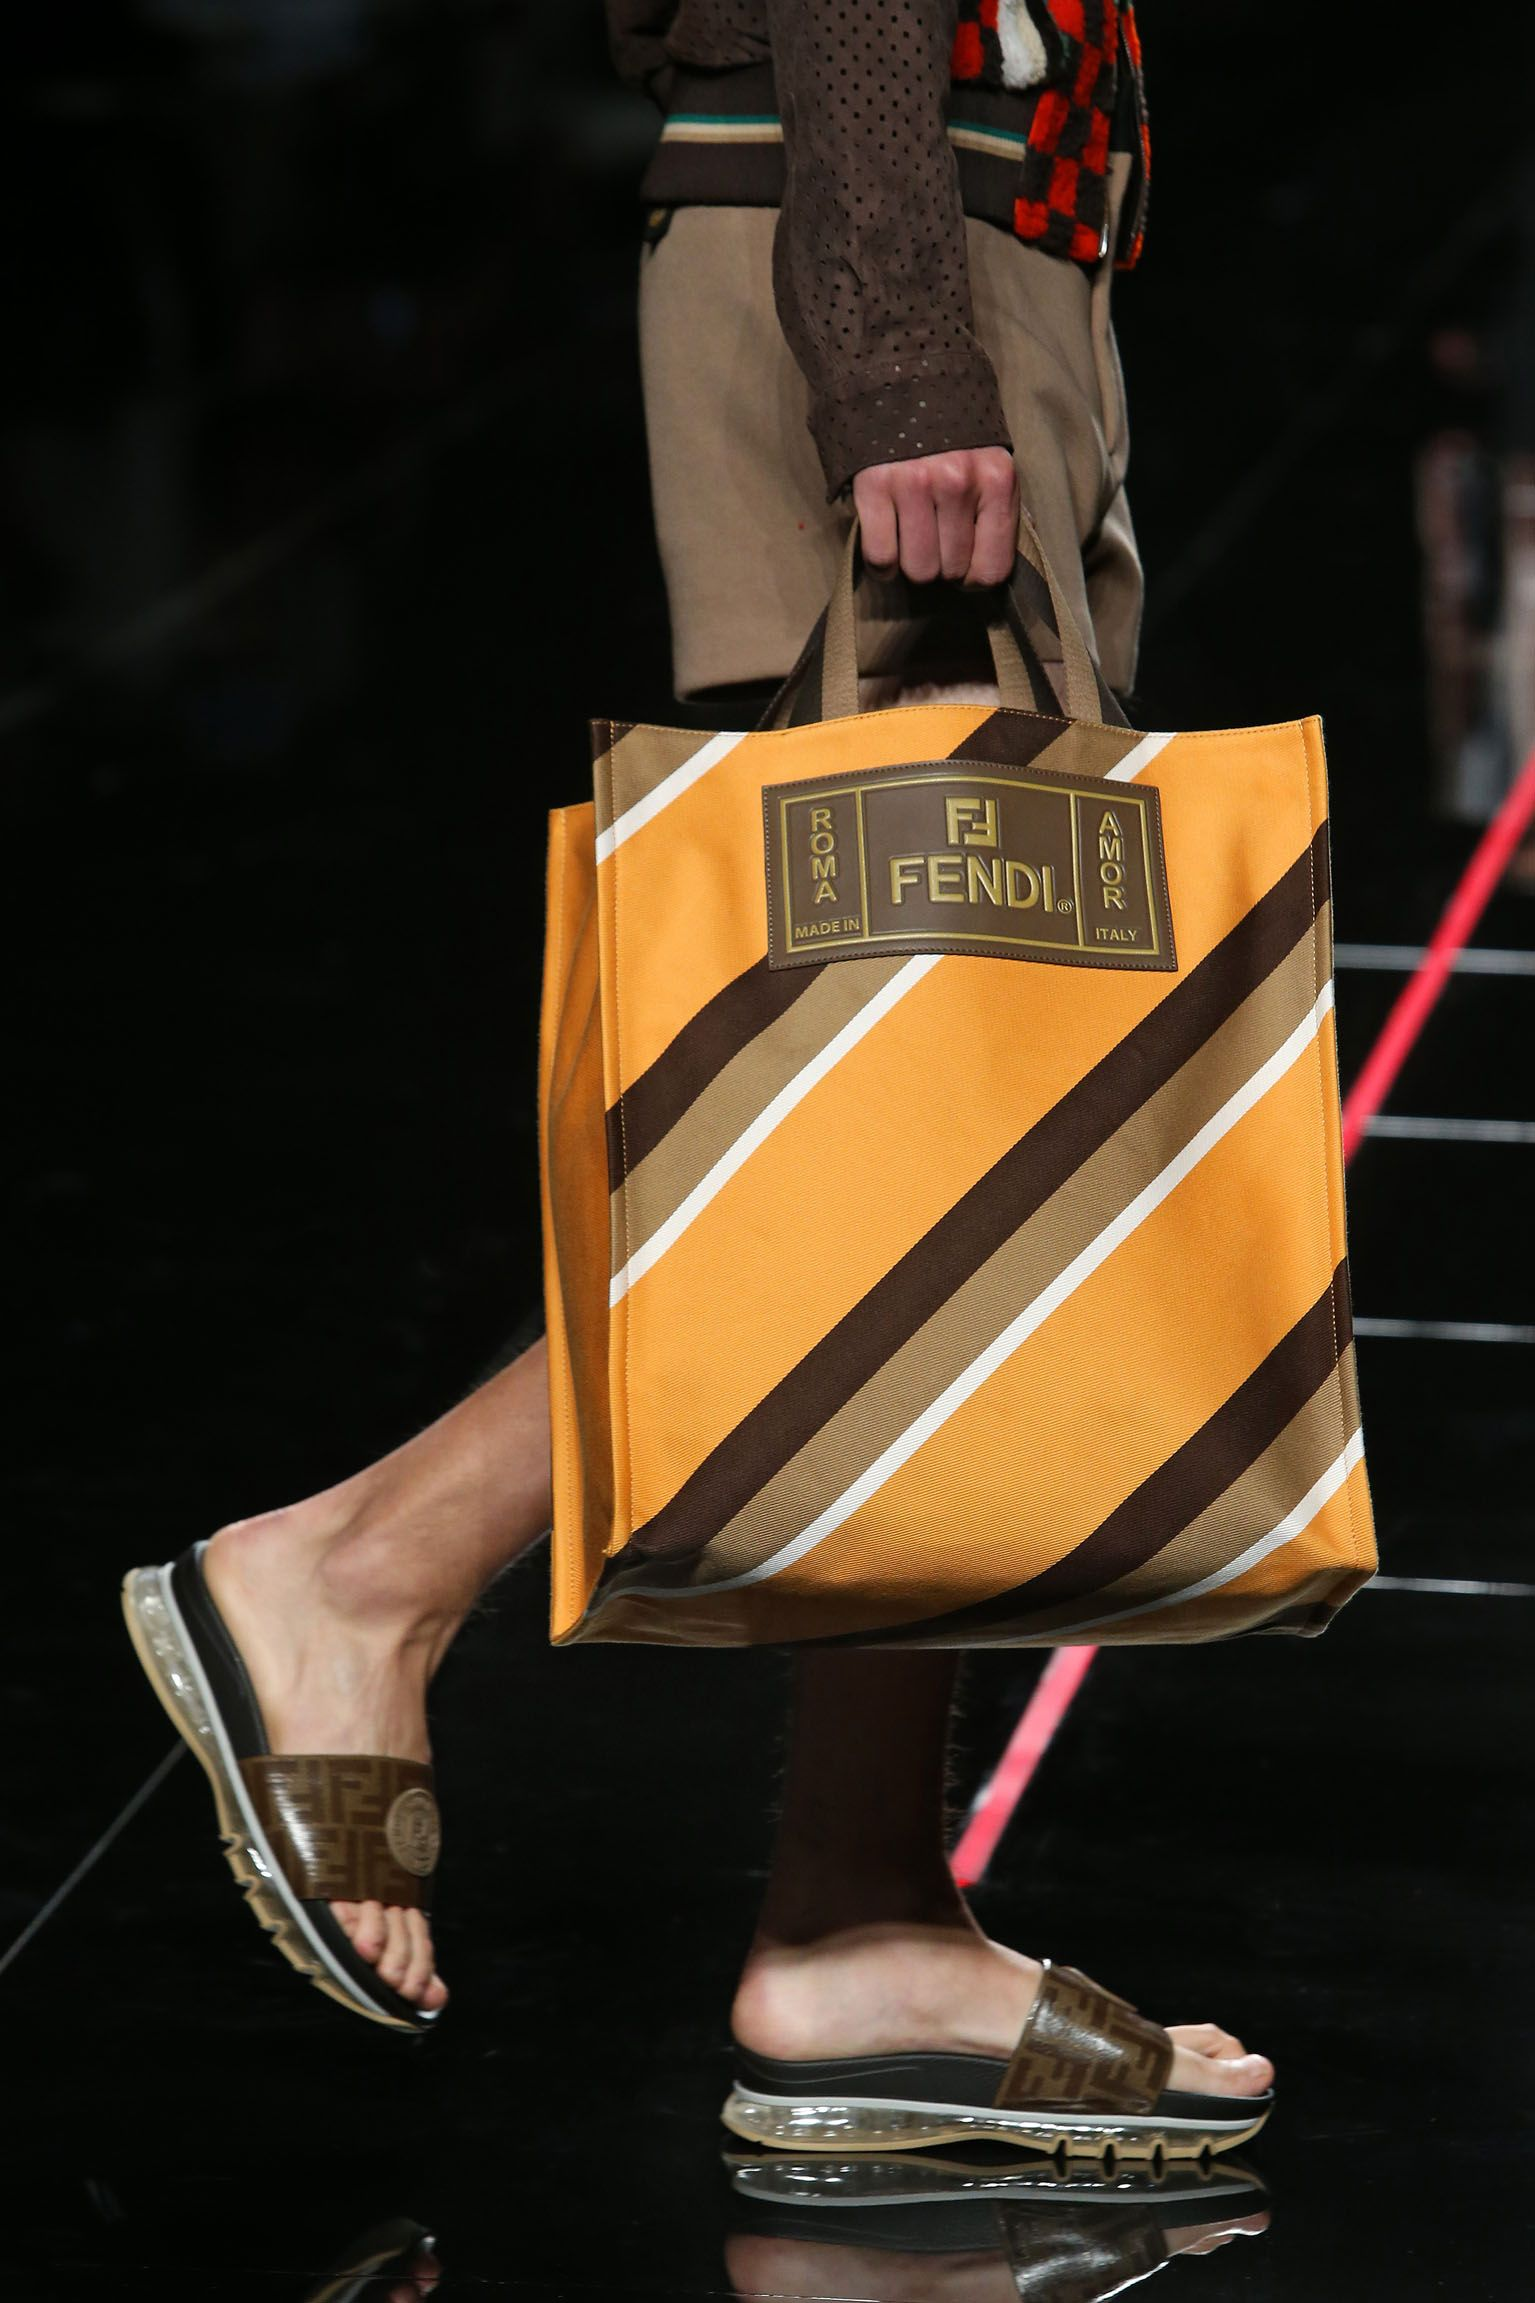 38a976d3b3 Fendi Men s Spring Summer 2019 Collection designed by Creative Director  Silvia Venturini Fendi.